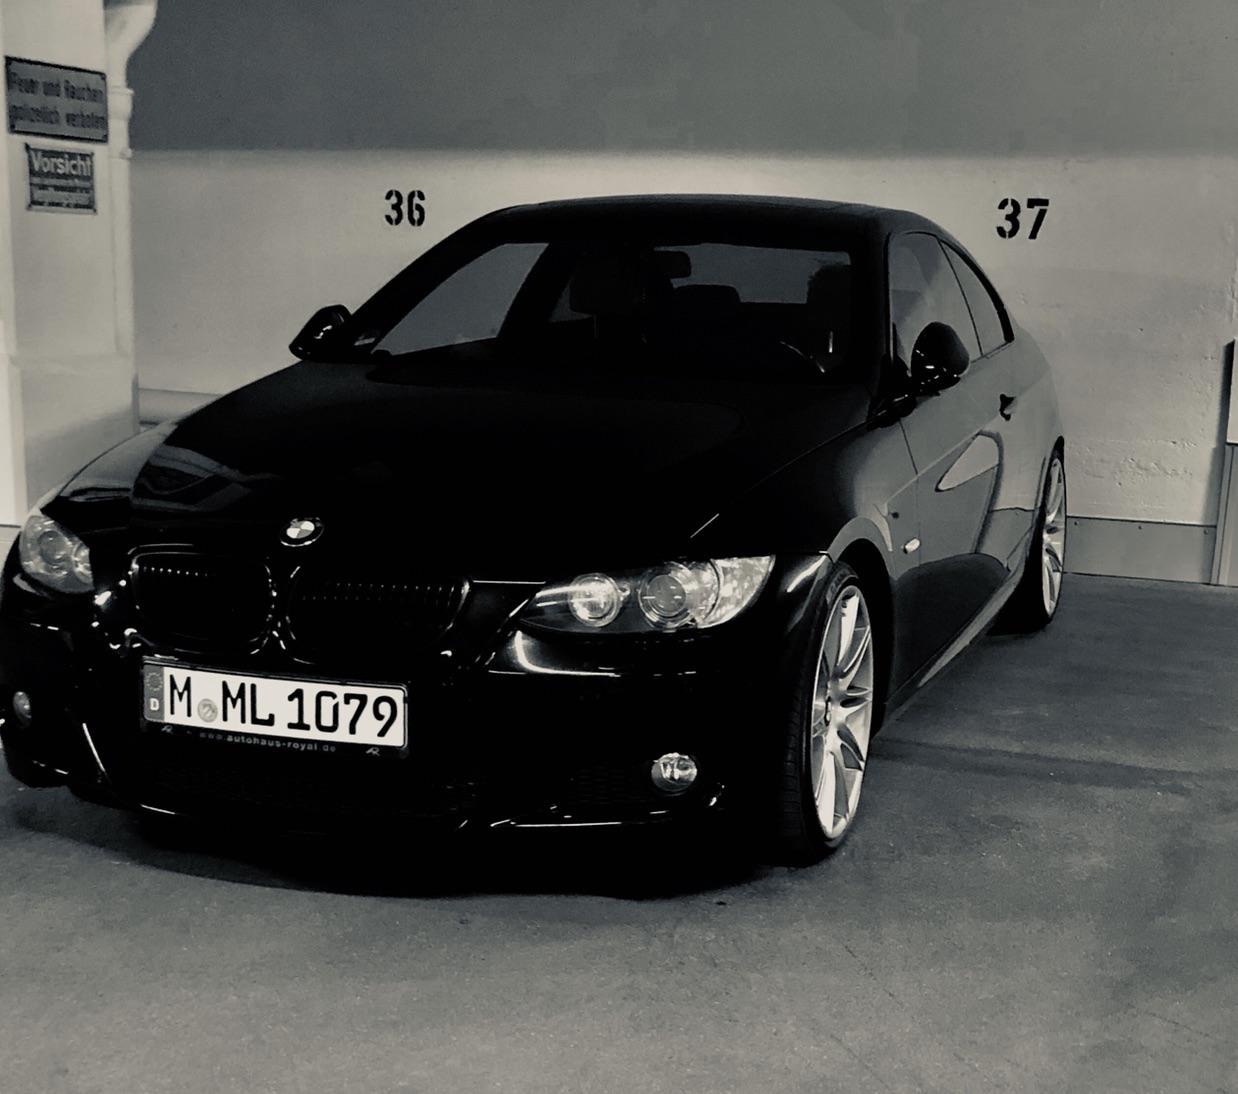 335i e92 - 3er BMW - E90 / E91 / E92 / E93